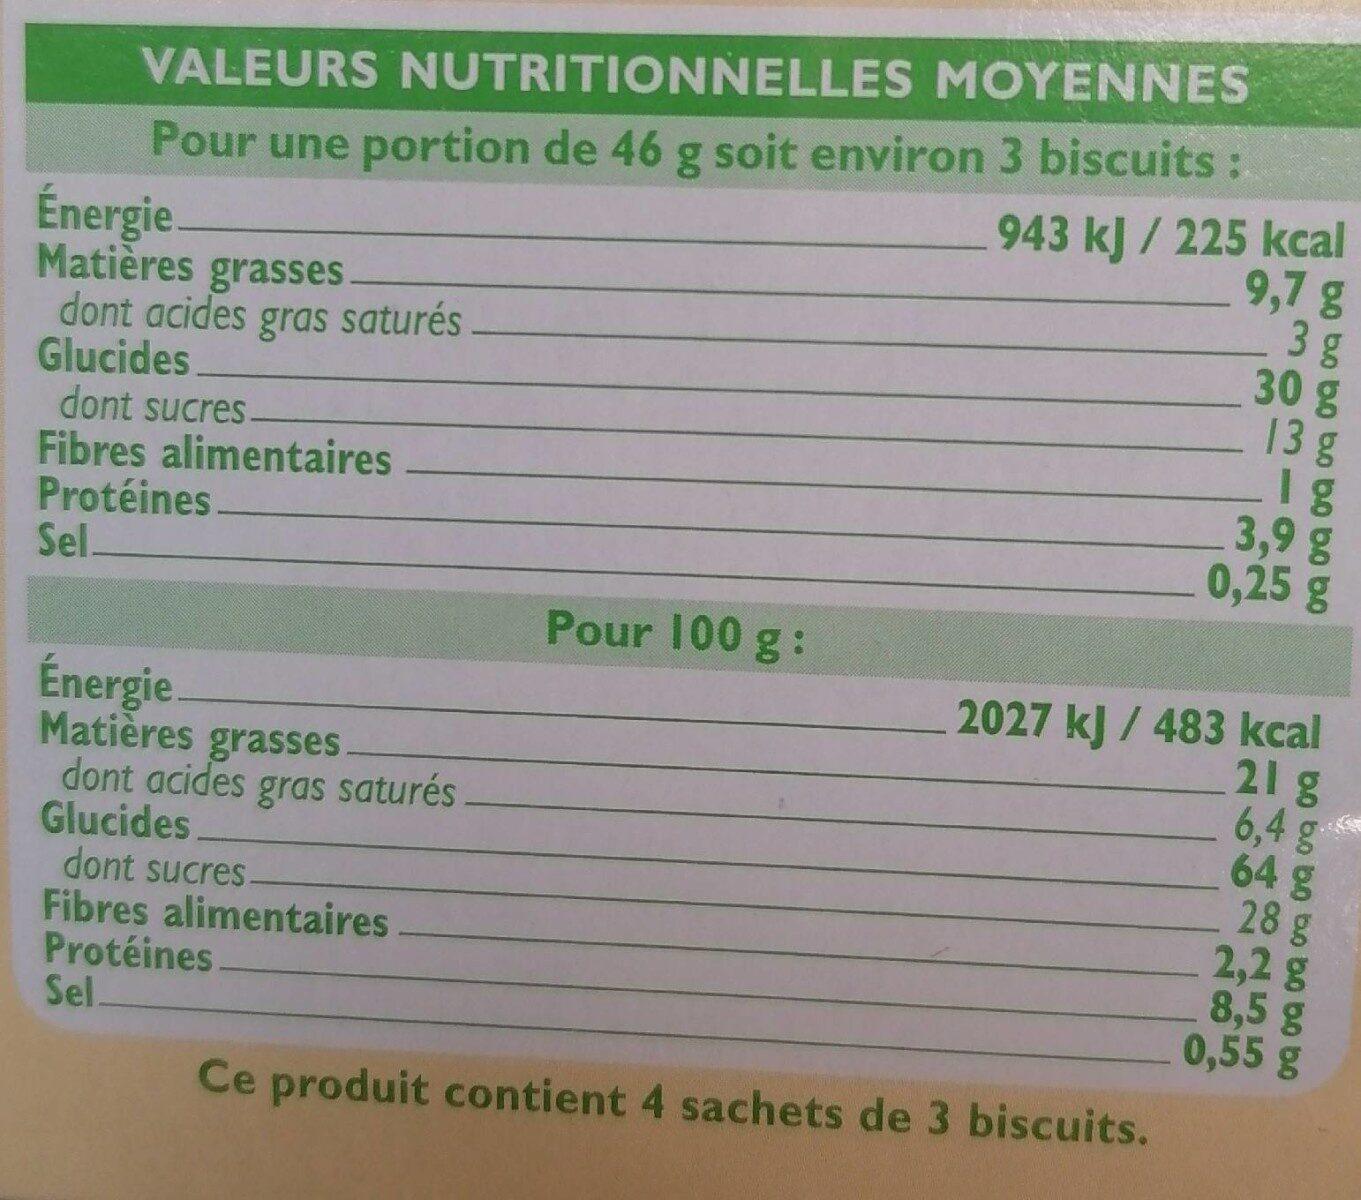 Goûters fourrés chocolat au lait - Informations nutritionnelles - fr